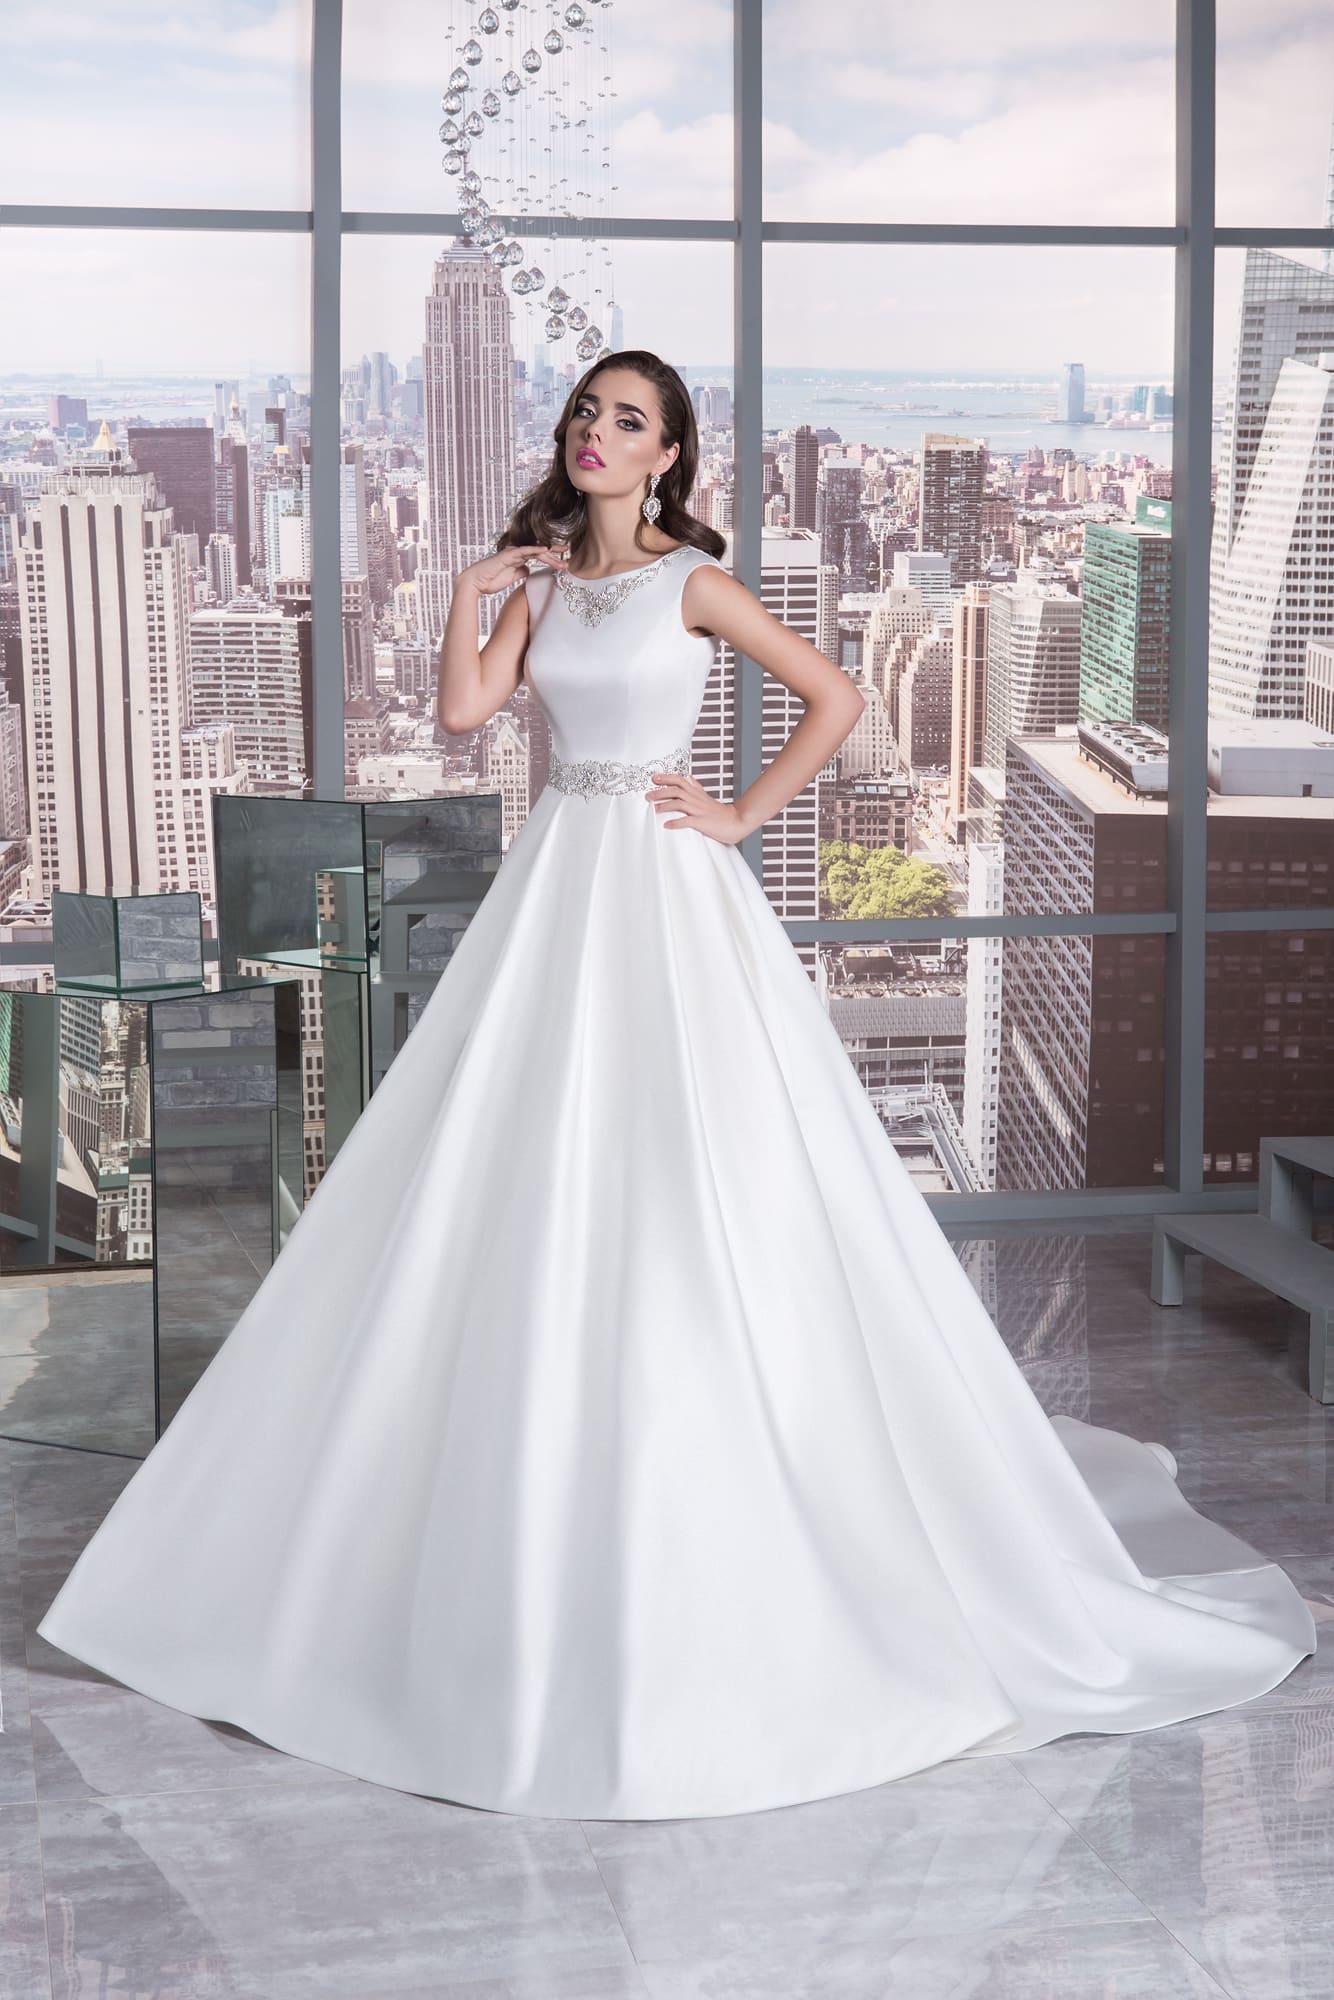 4033ee36bf3 Атласное свадебное платье А-силуэта с бисерной отделкой по лифу и на талии.